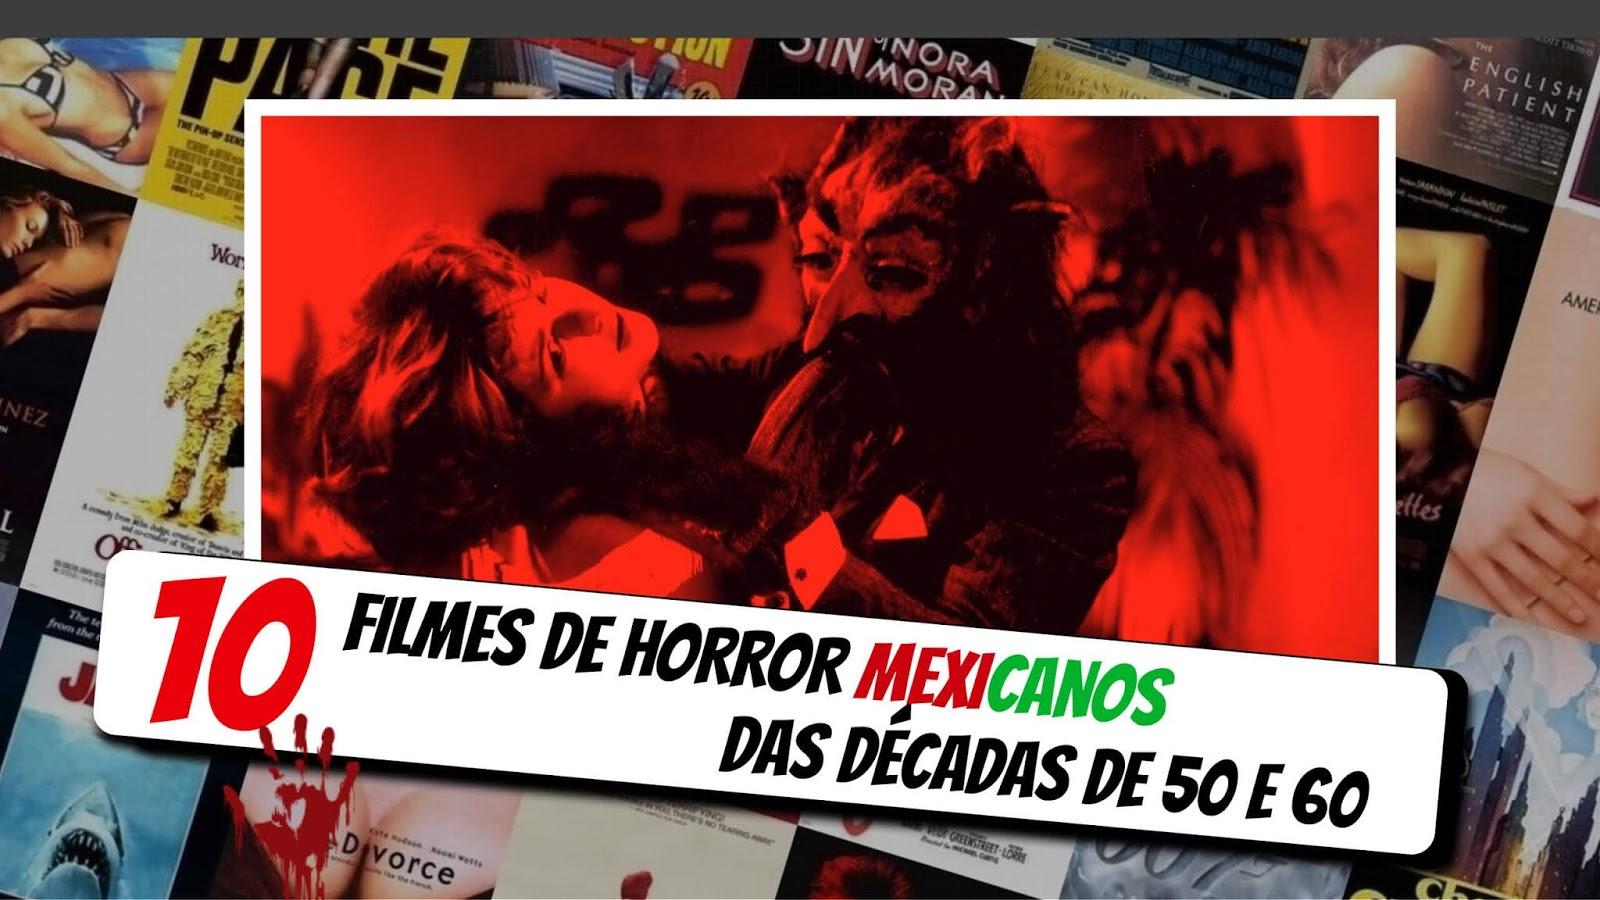 10-filmes-de-horror-mexicanos